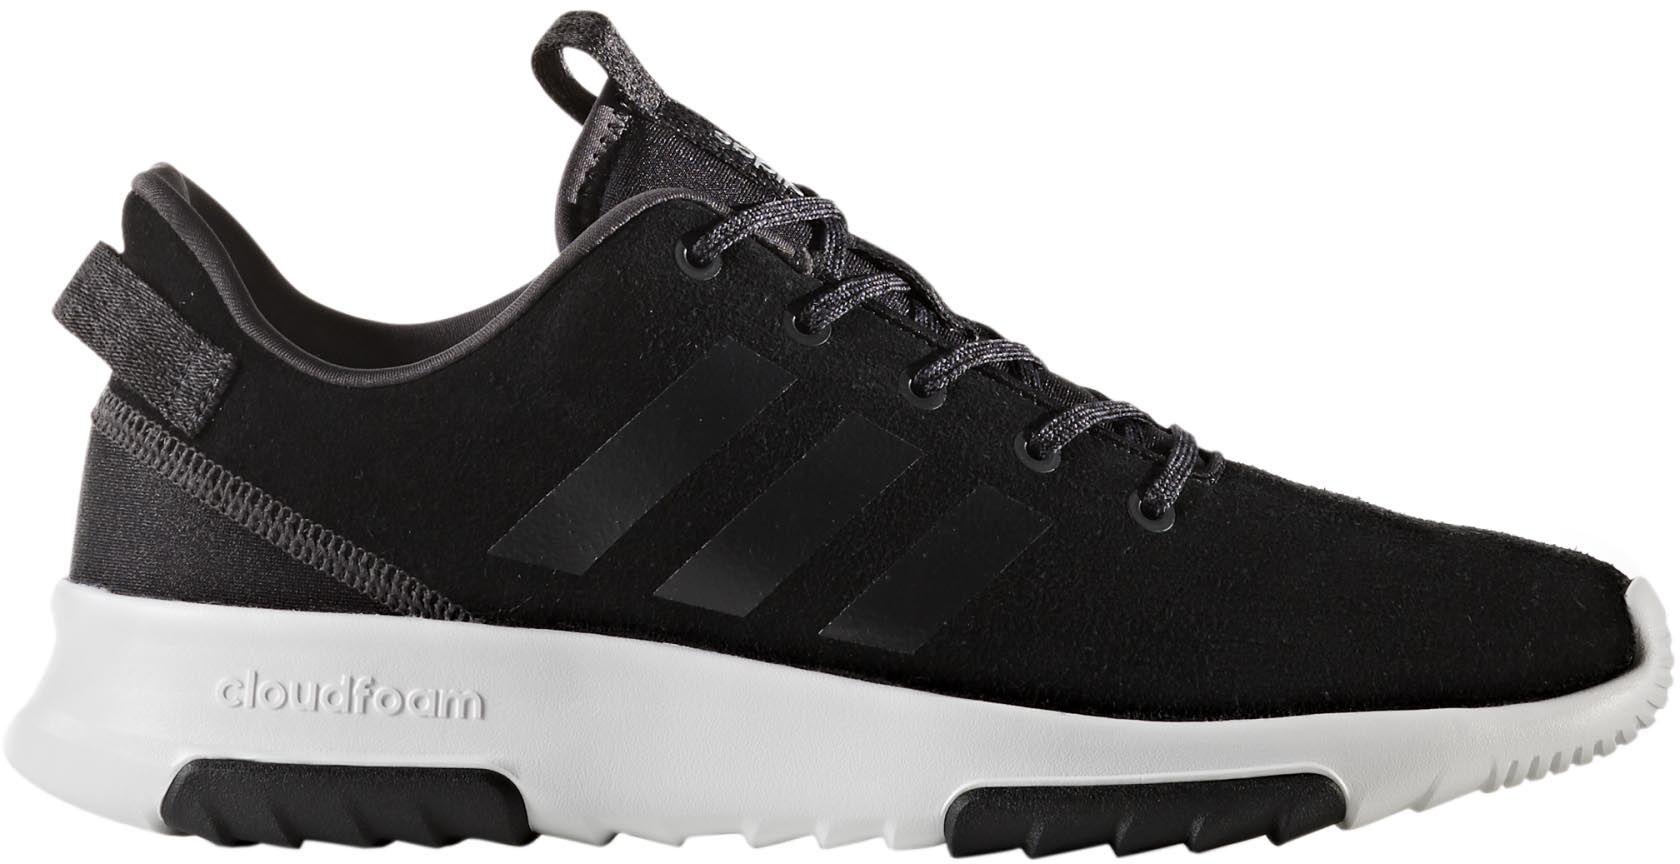 adidas cloudfoam dames zwart